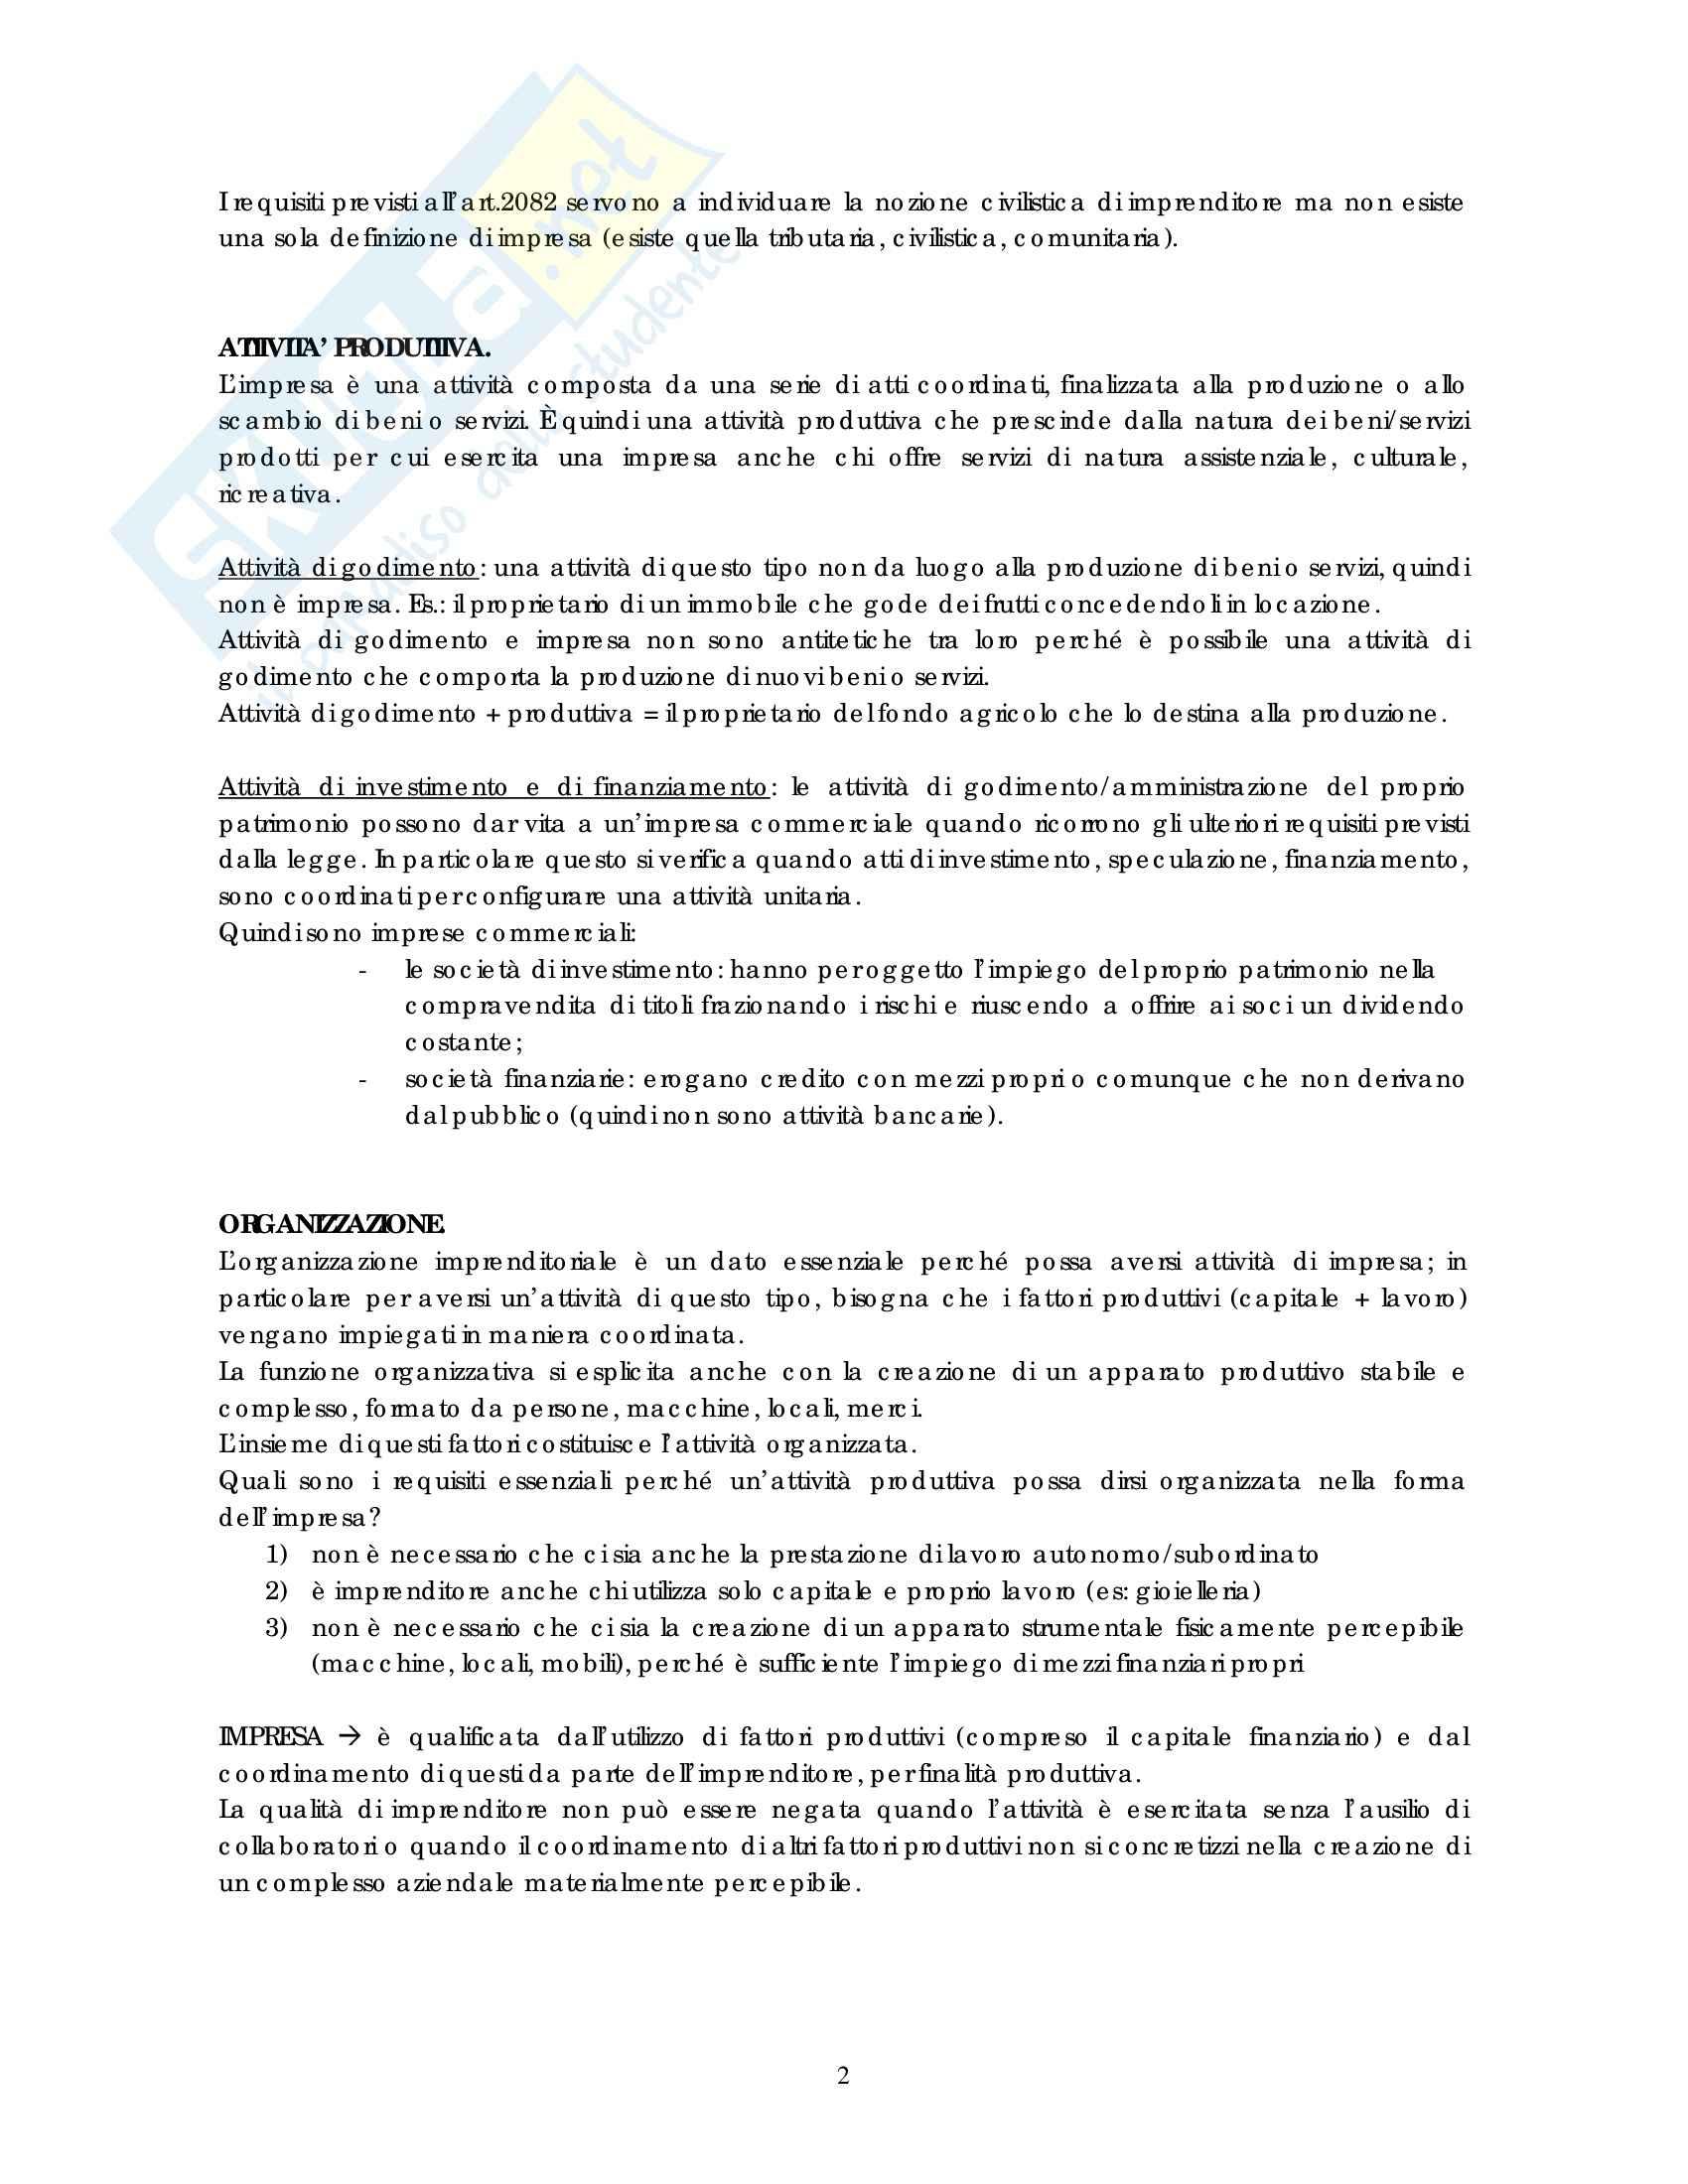 Riassunto esame Diritto commerciale, prof. Weigmann, libro consigliato Manuale di diritto commerciale, Campobasso: imprenditore Pag. 2